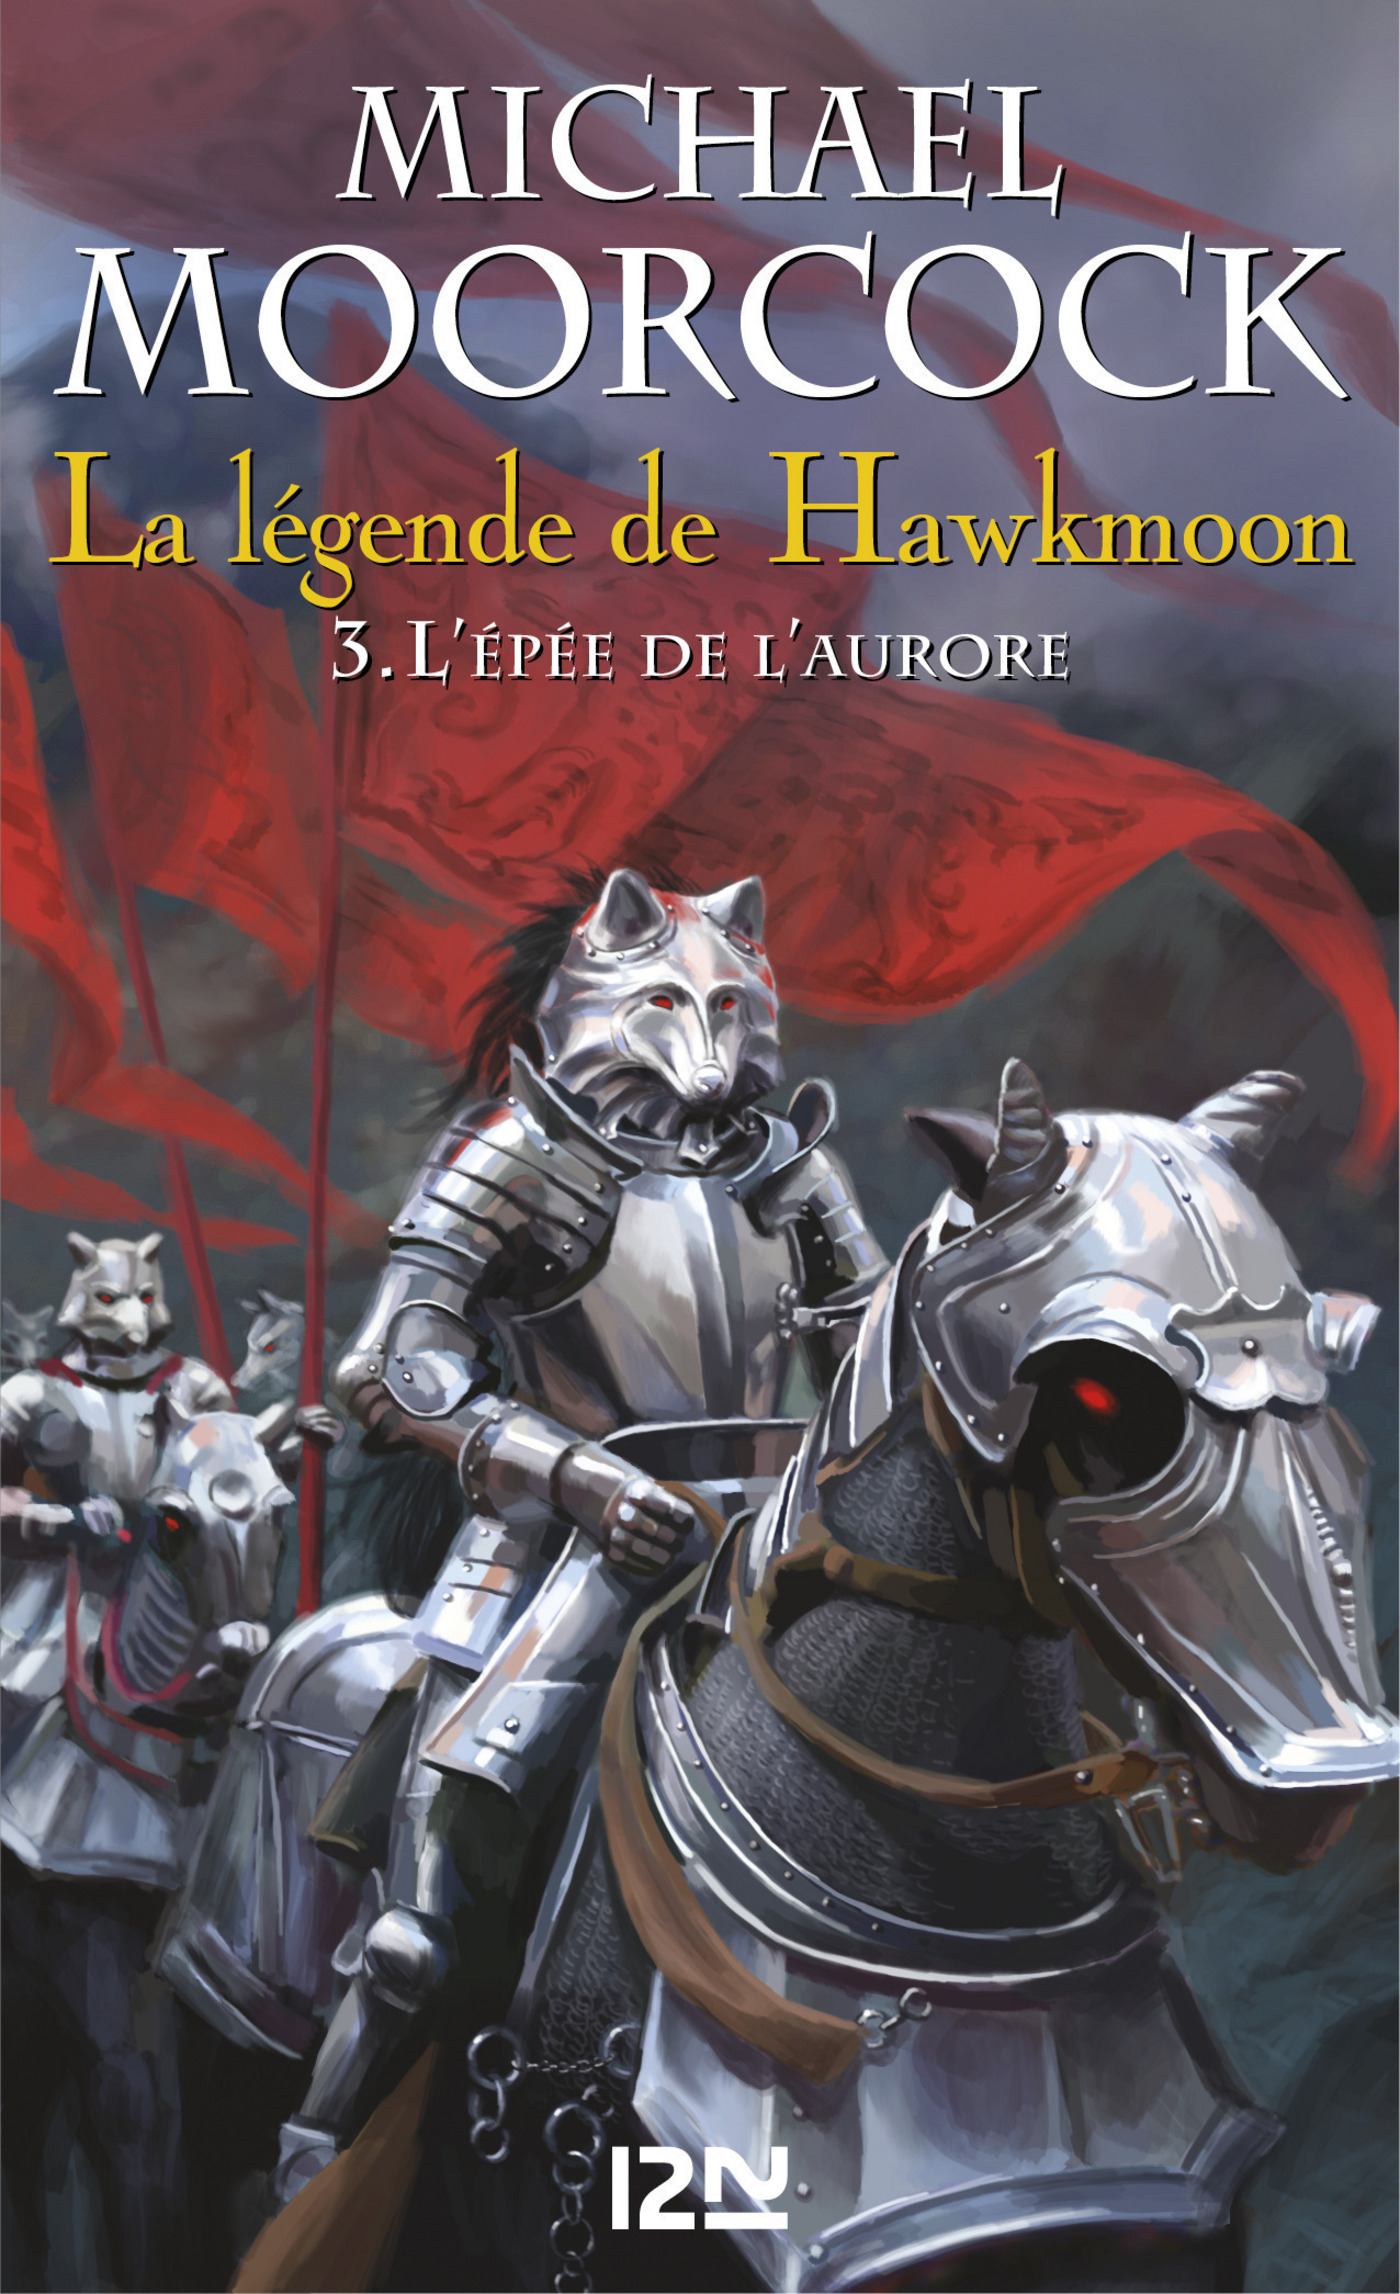 La légende de Hawkmoon - tome 3 (ebook)